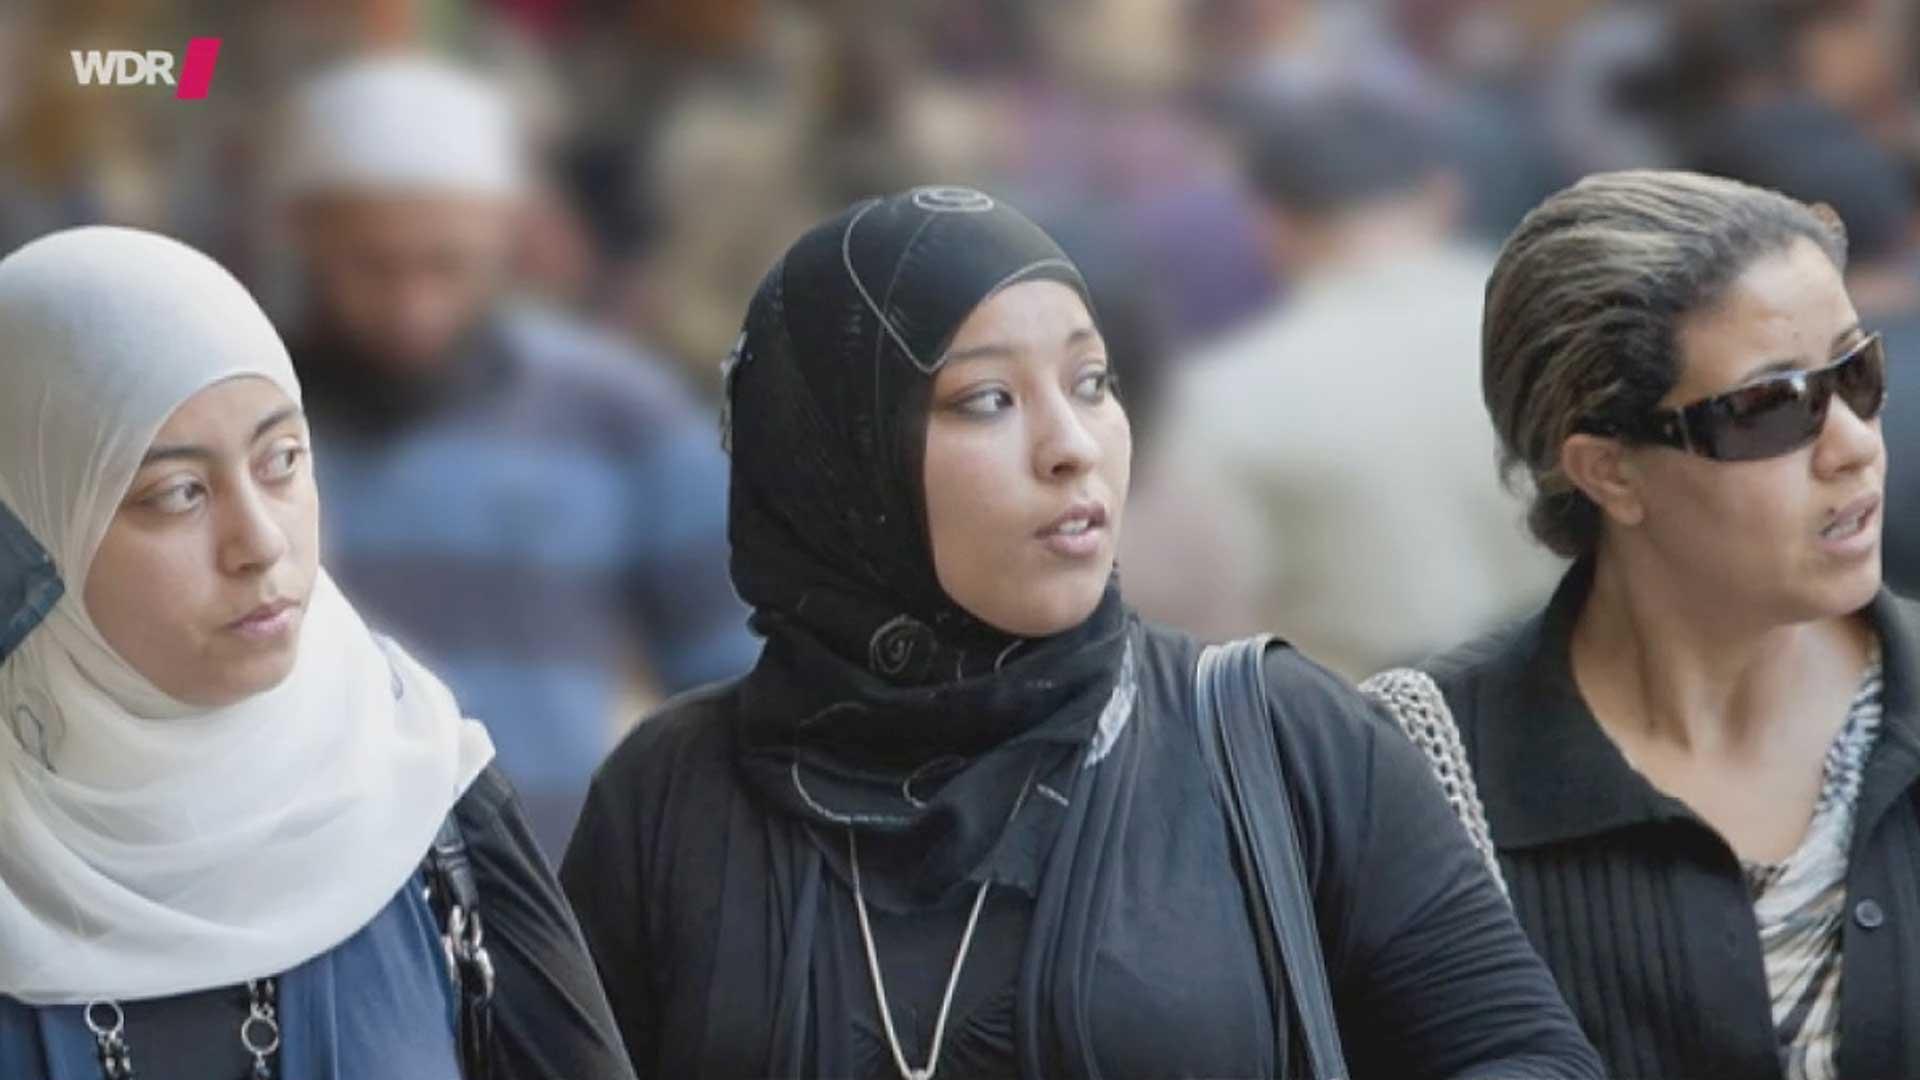 Frau sucht muslimische mann maroczone